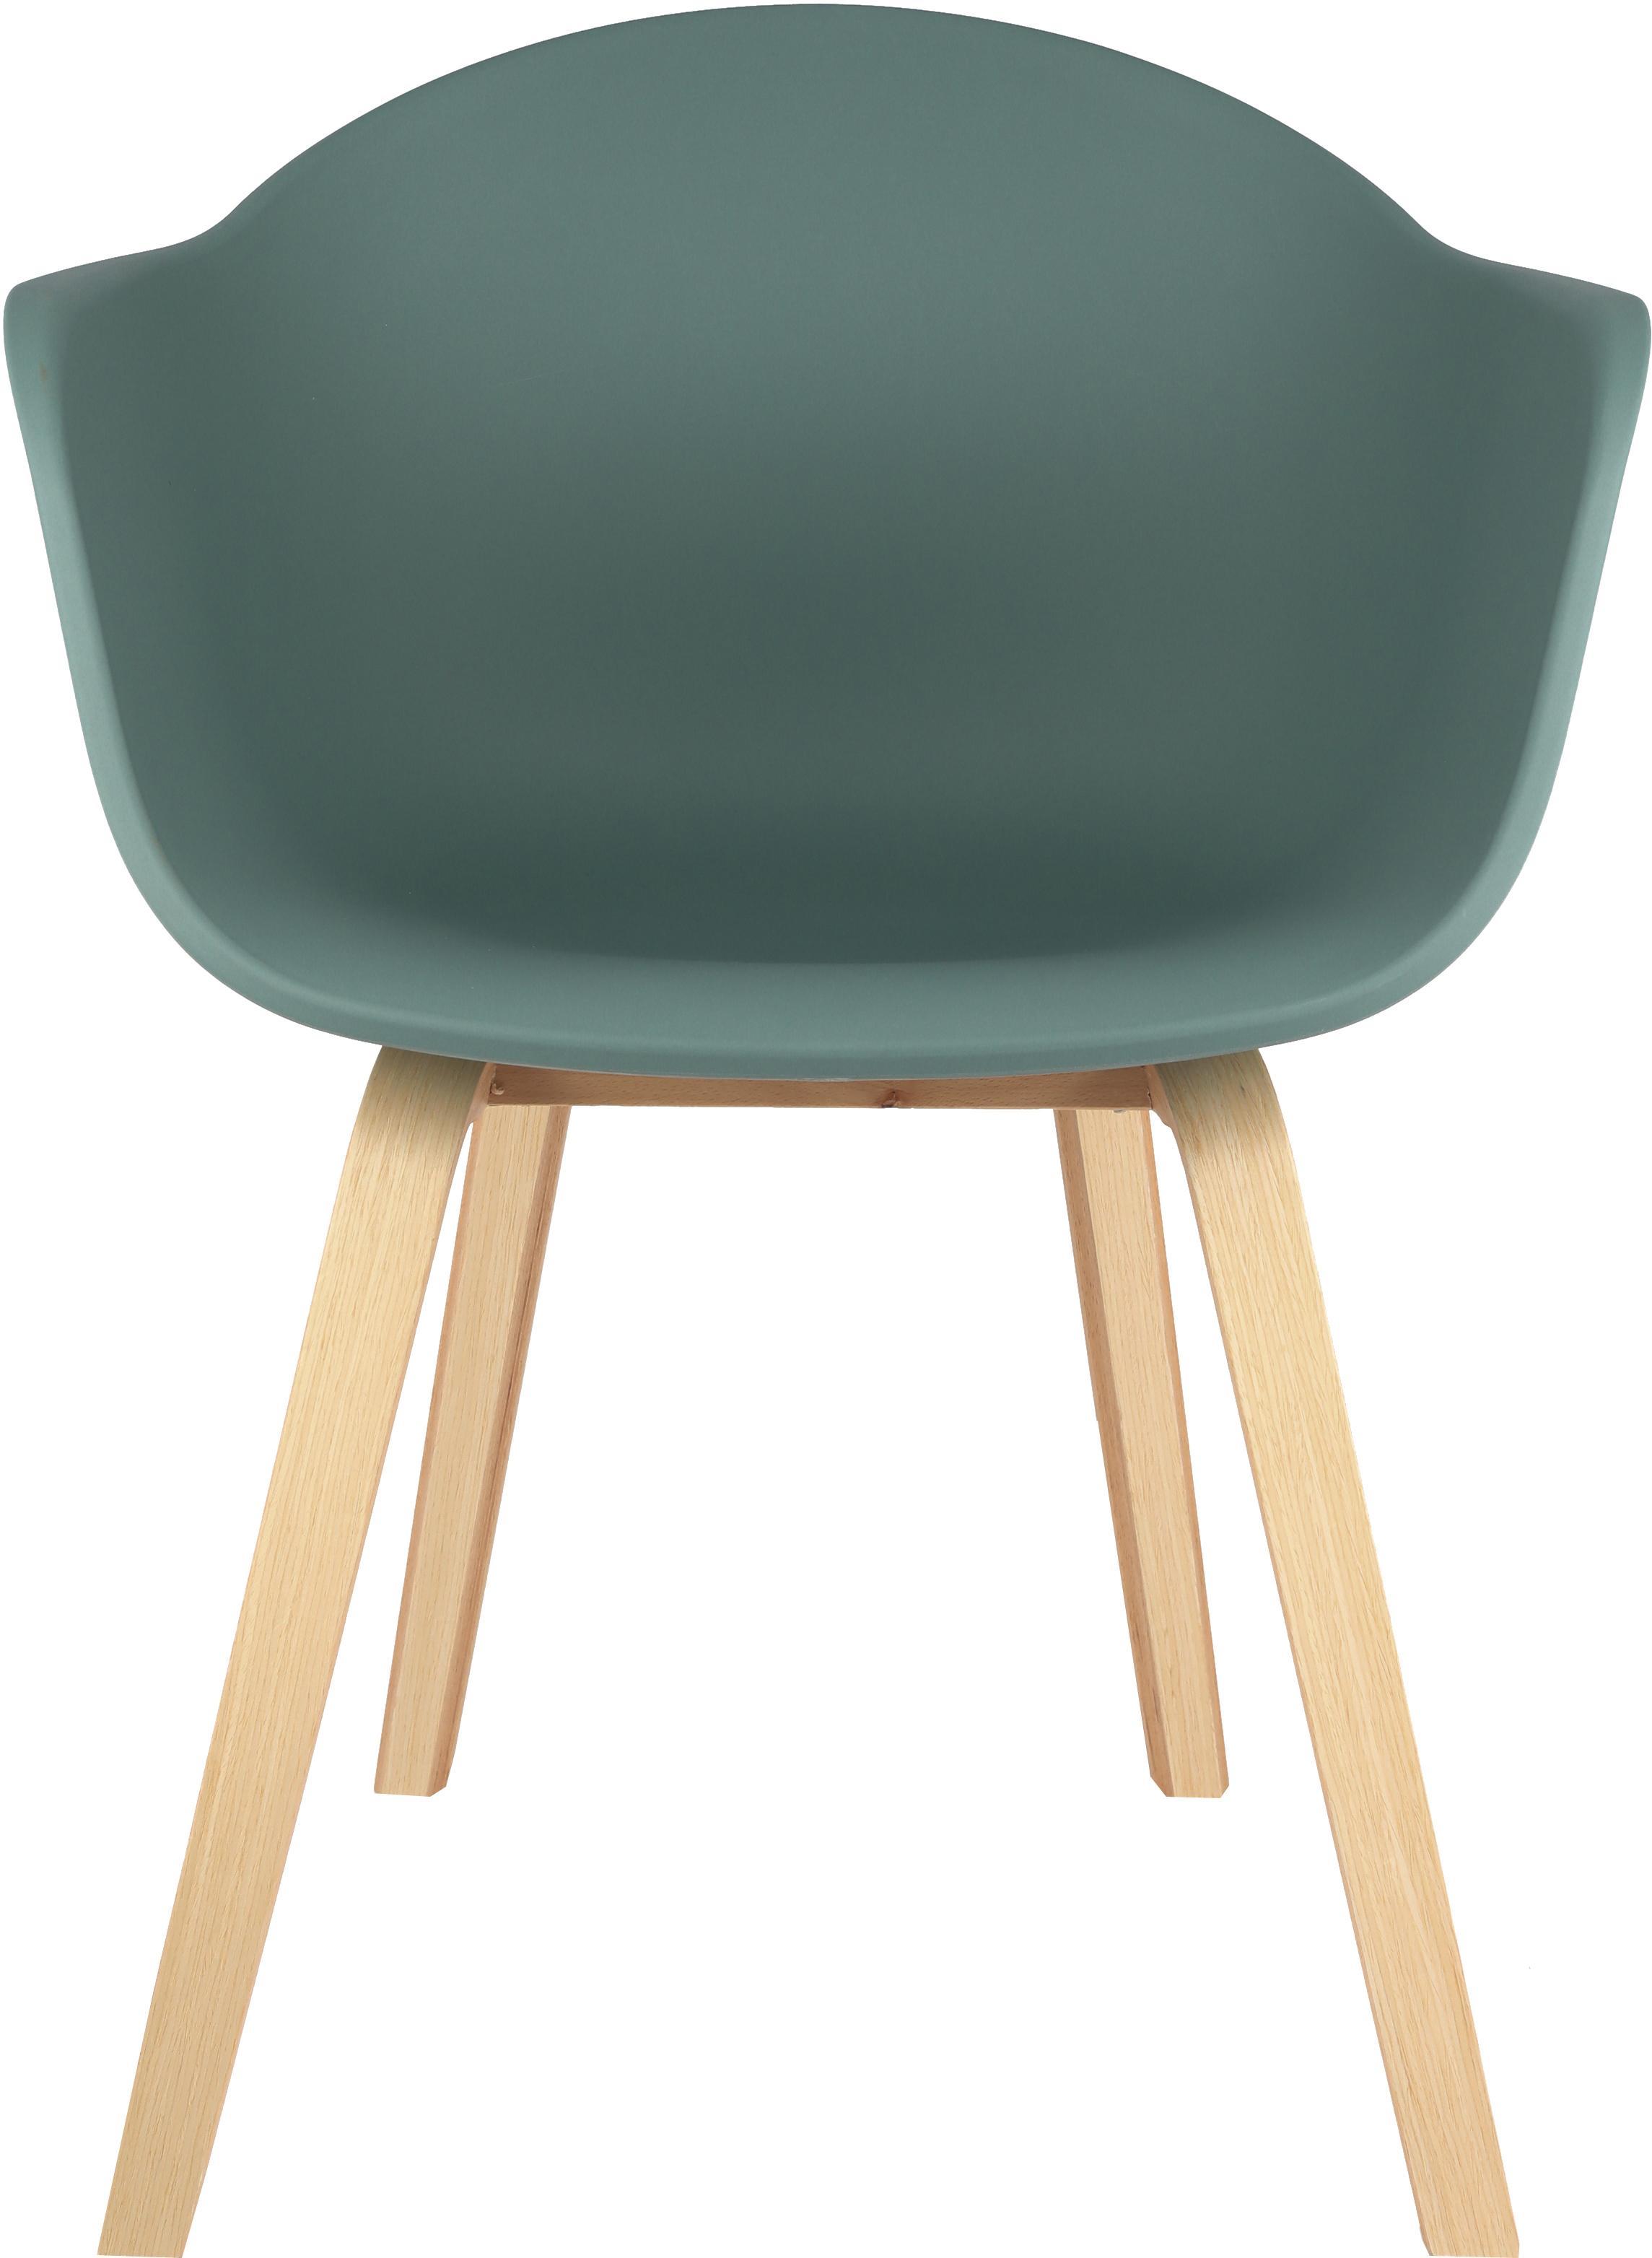 Kunststoff-Armlehnstuhl Claire mit Holzbeinen, Sitzschale: Kunststoff, Beine: Buchenholz, Kunststoff Grün, B 54 x T 60 cm